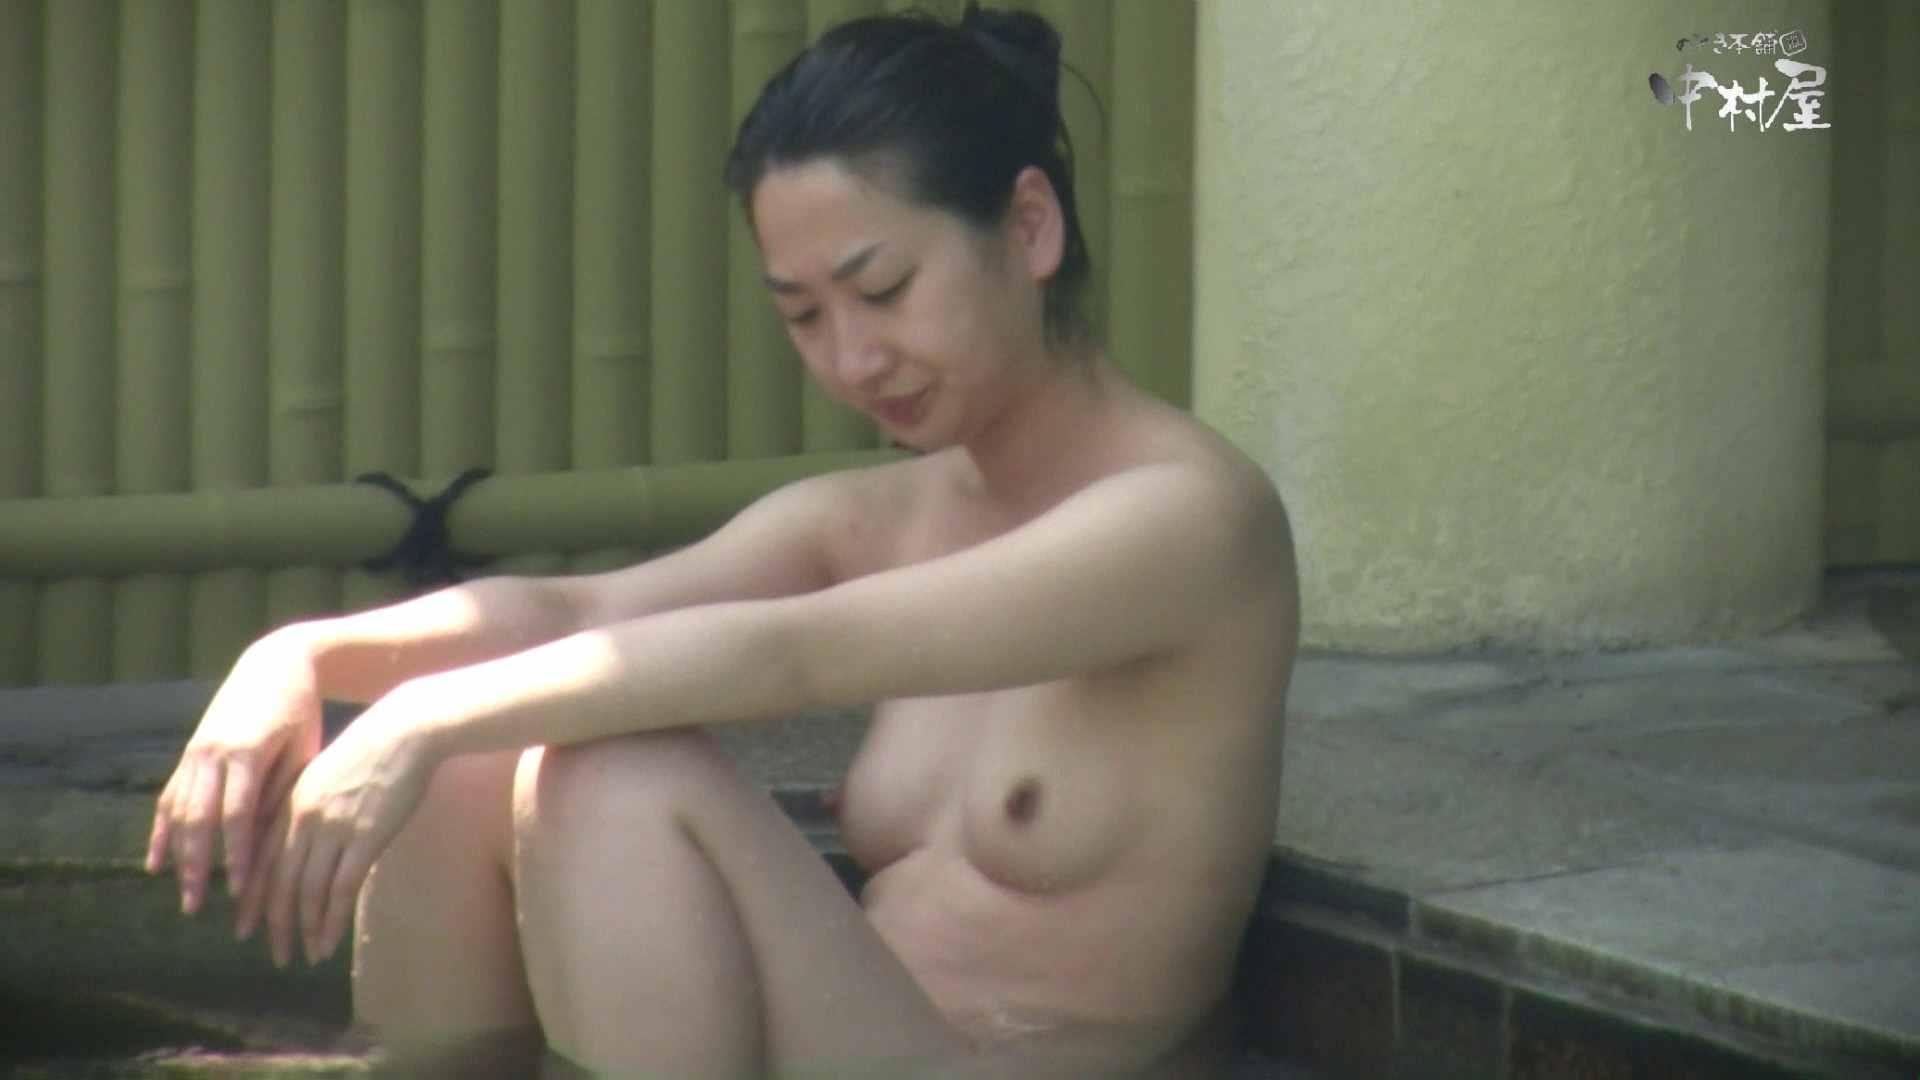 Aquaな露天風呂Vol.888 露天風呂 | 盗撮  101連発 70